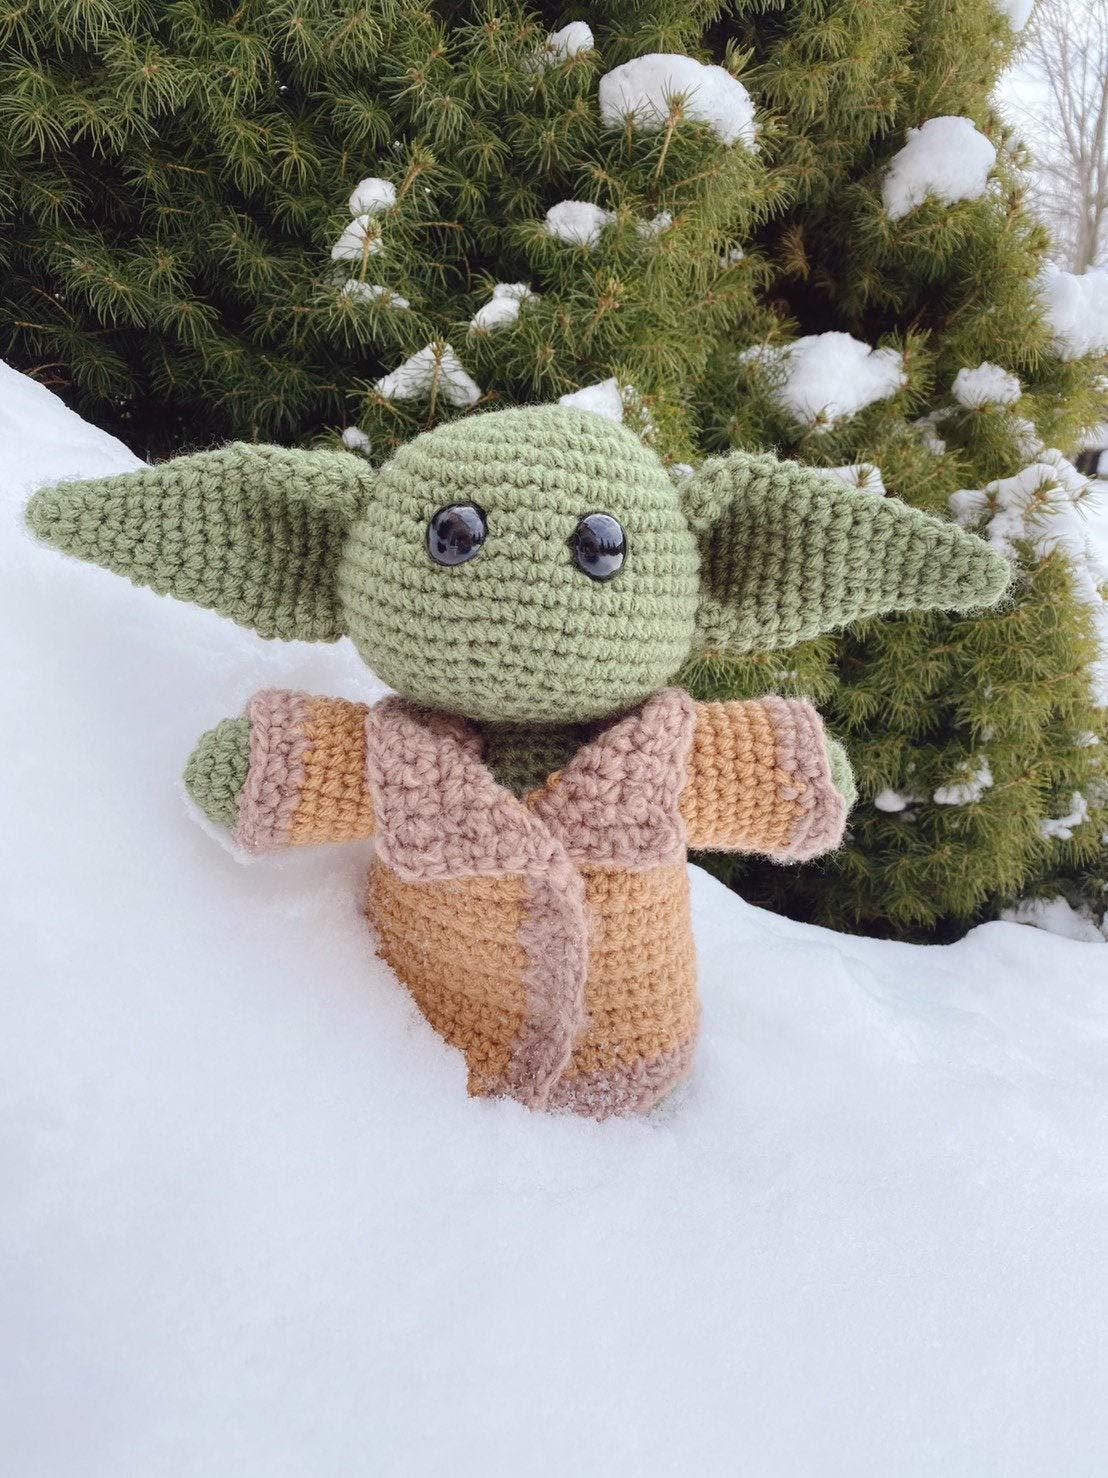 Crochet Baby Yoda Dolls | Crochet geek, Star wars crochet, Crochet ... | 1478x1108